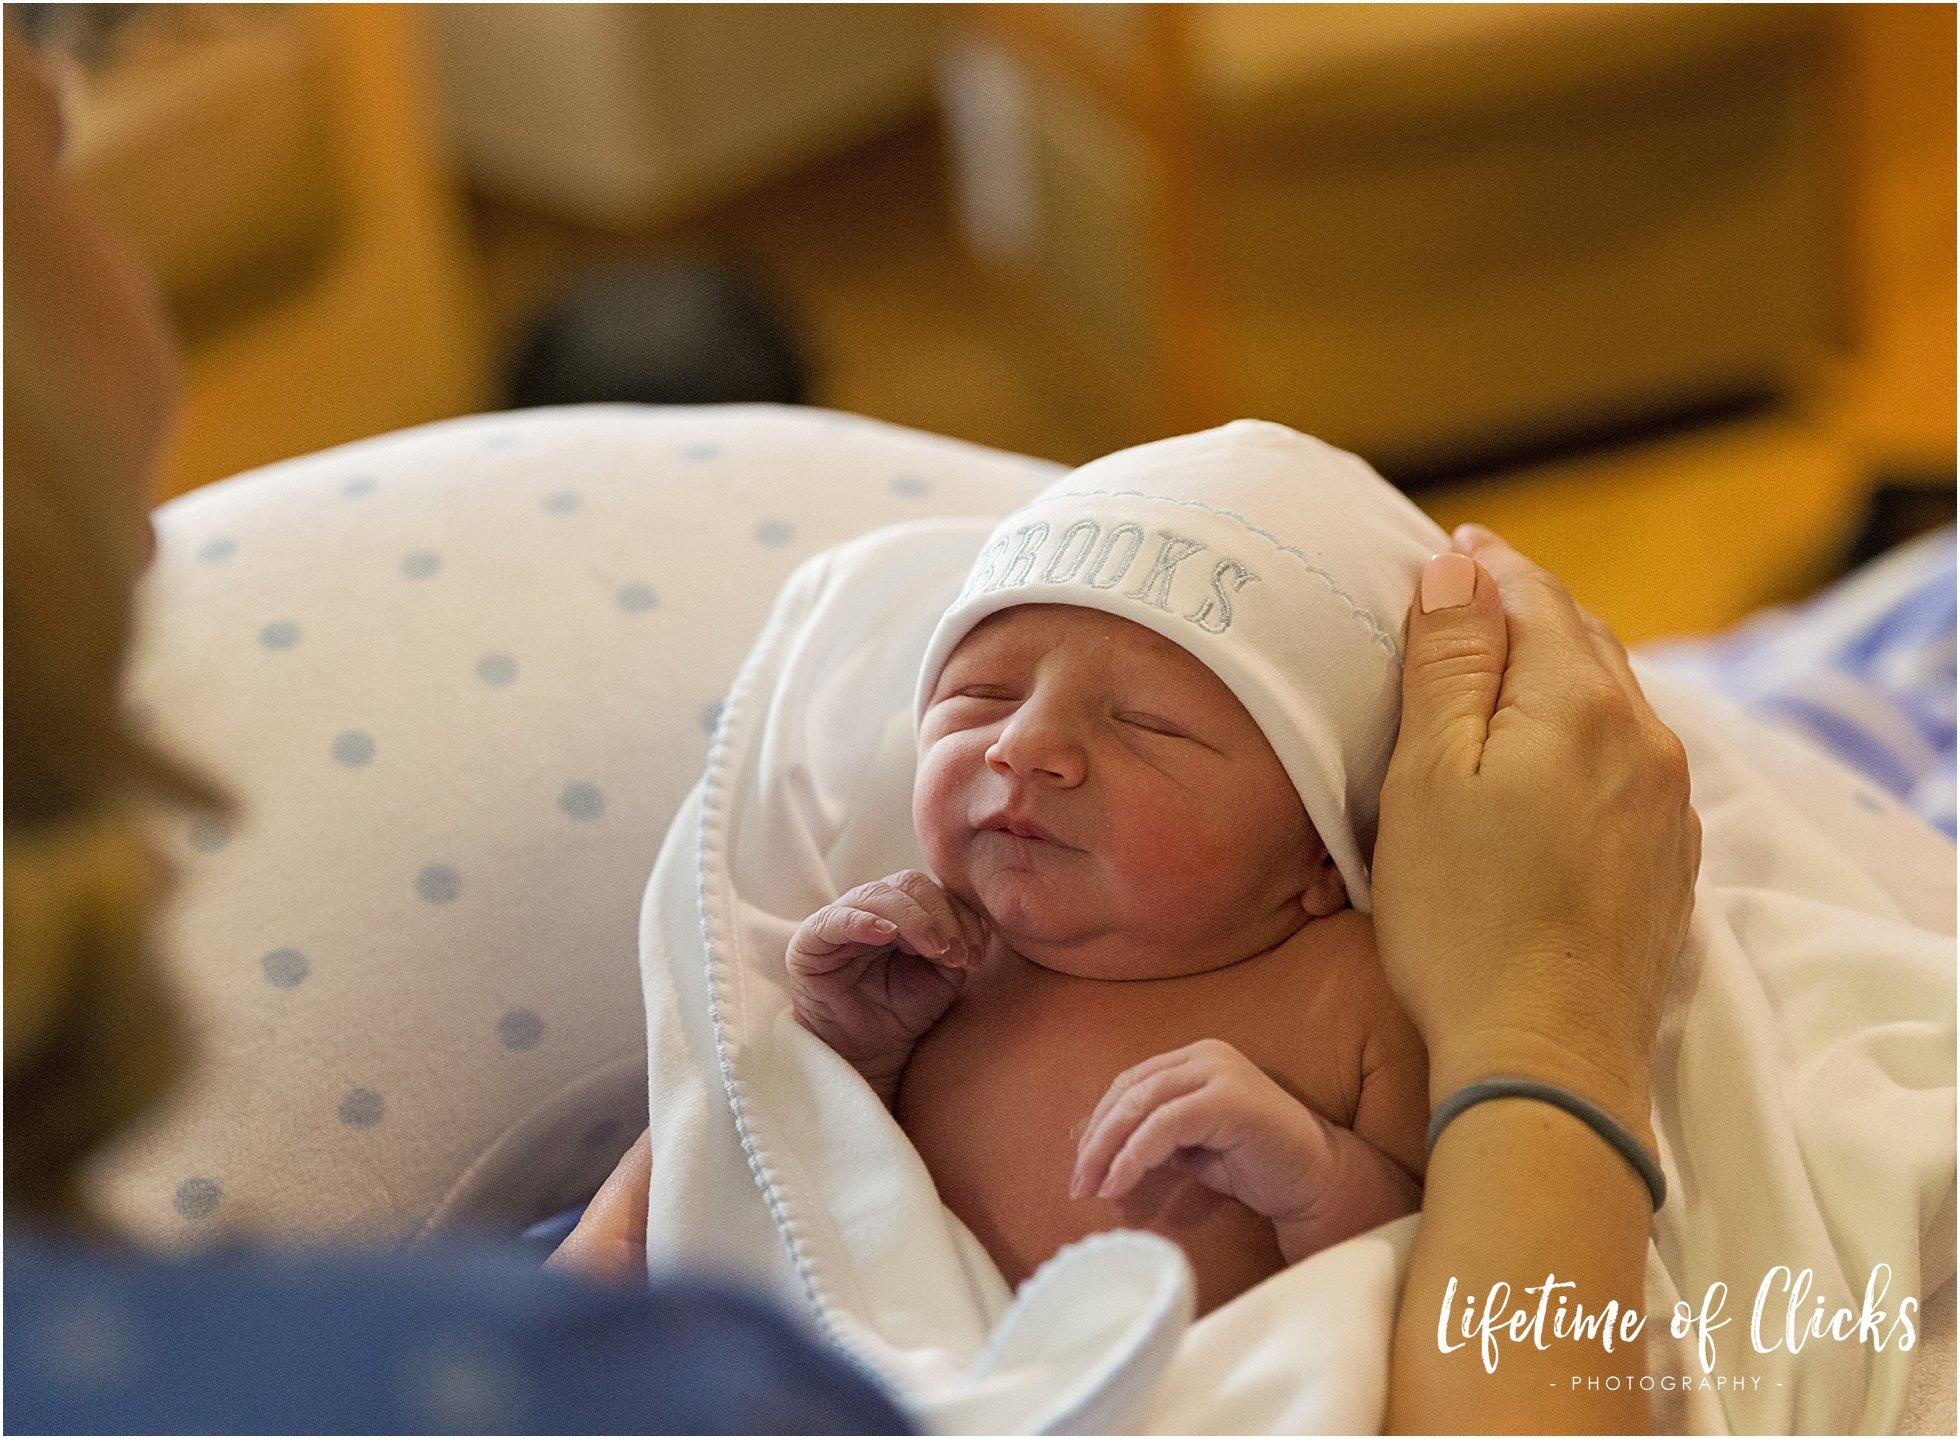 Newborn boy wearing embroidered hat